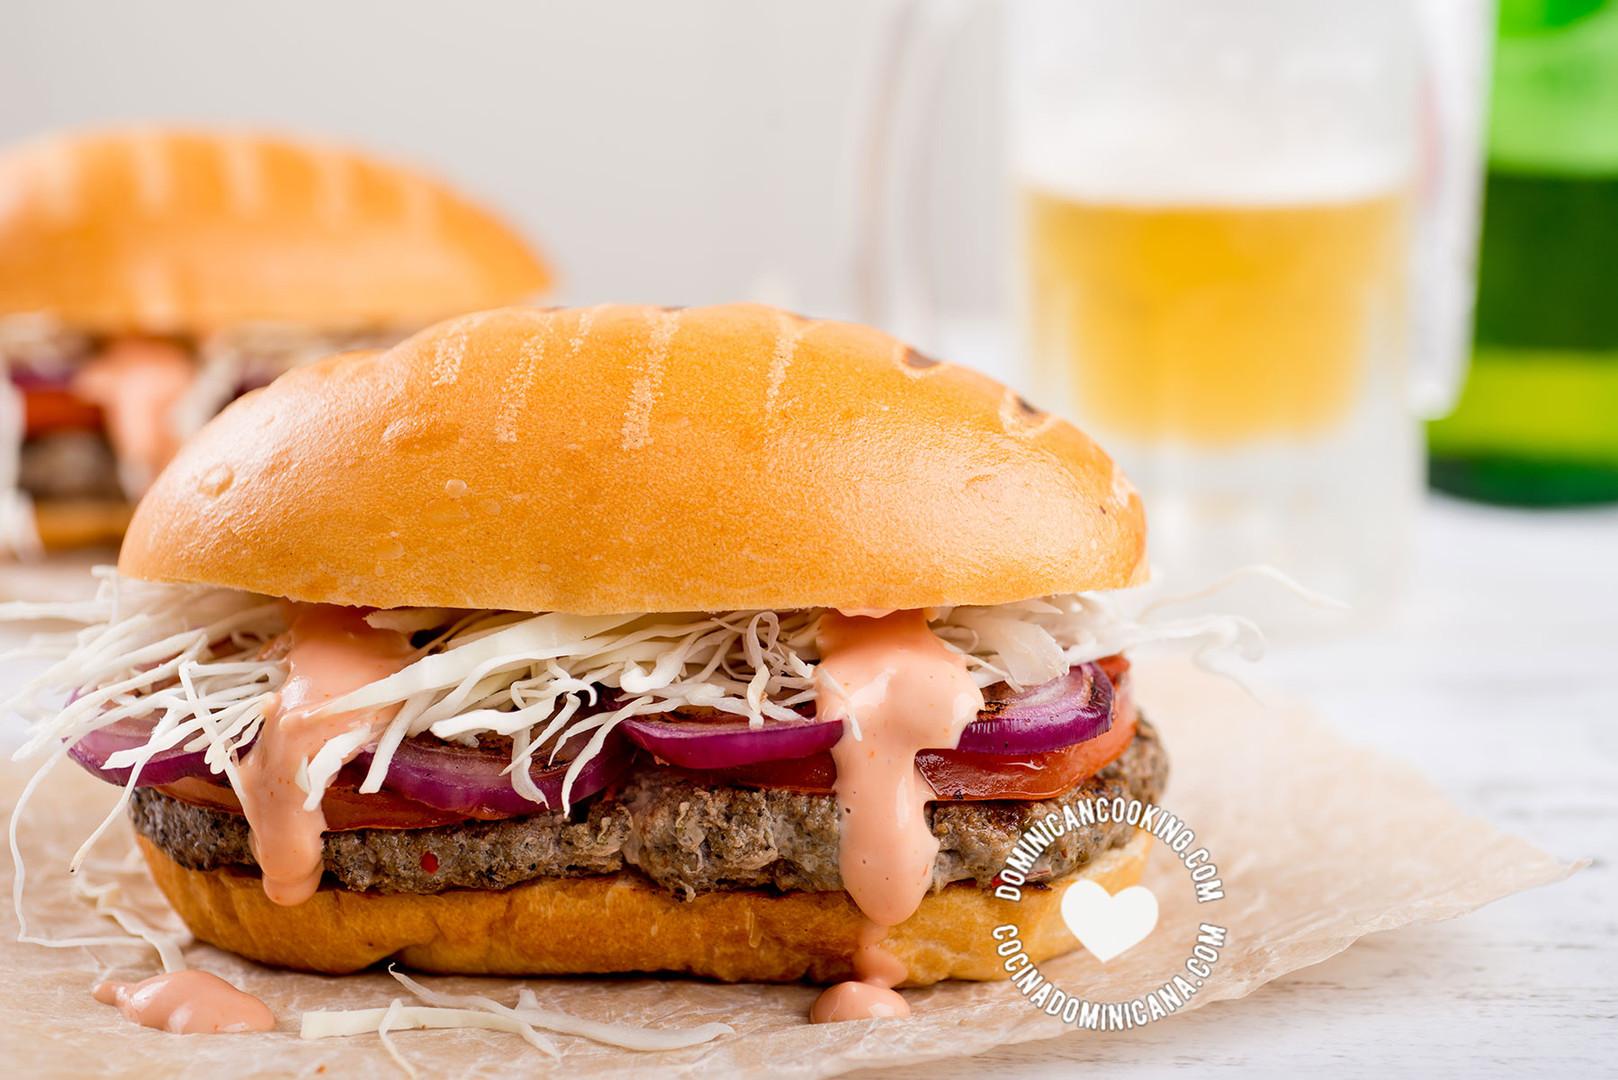 dominican-chimi-burgerCG10101 (1).jpg